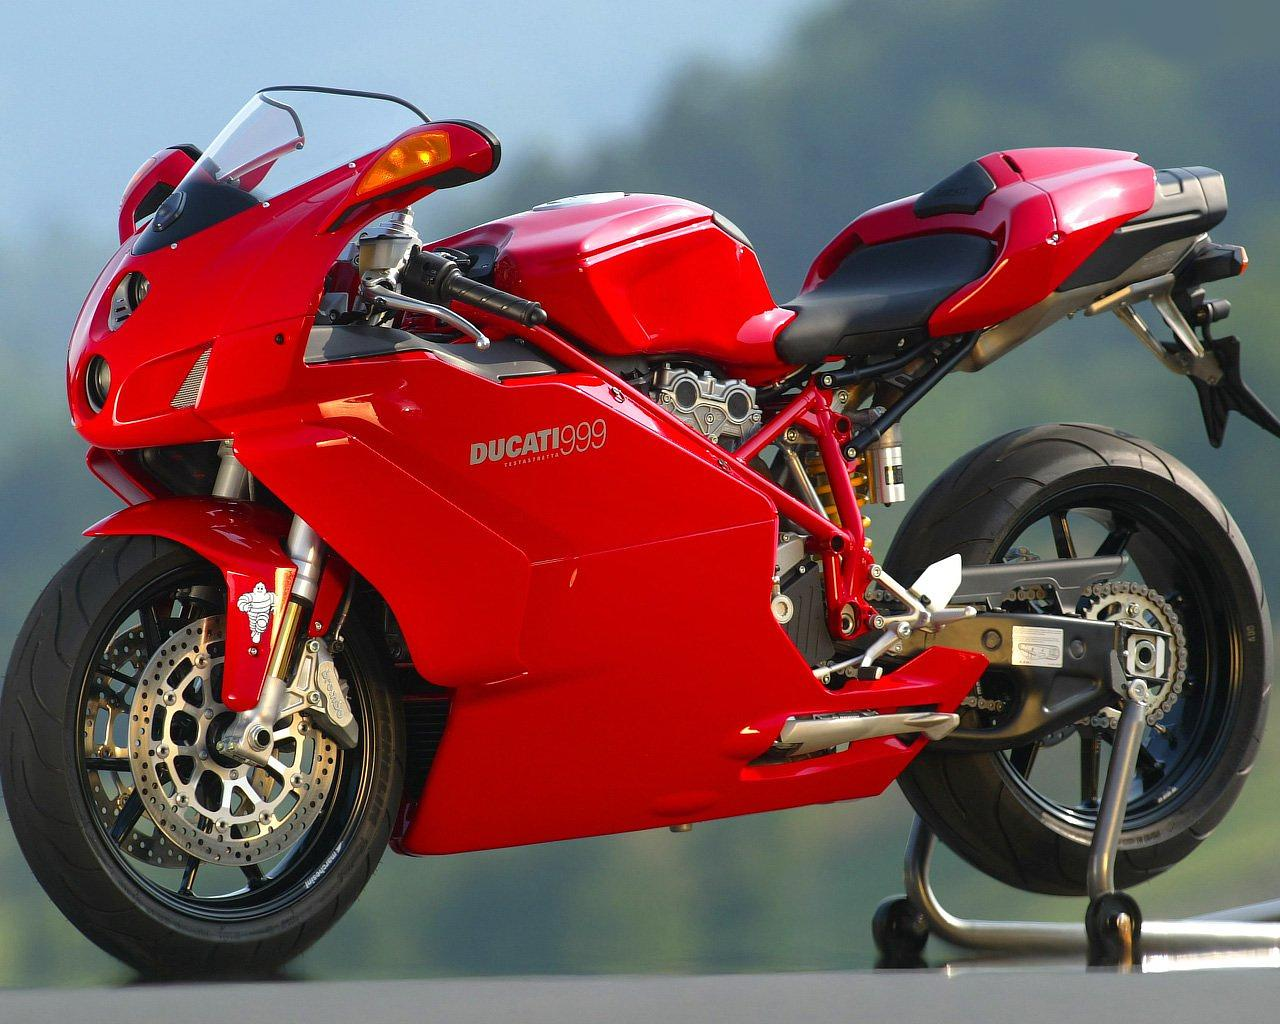 Ducati 999 Ducati 999